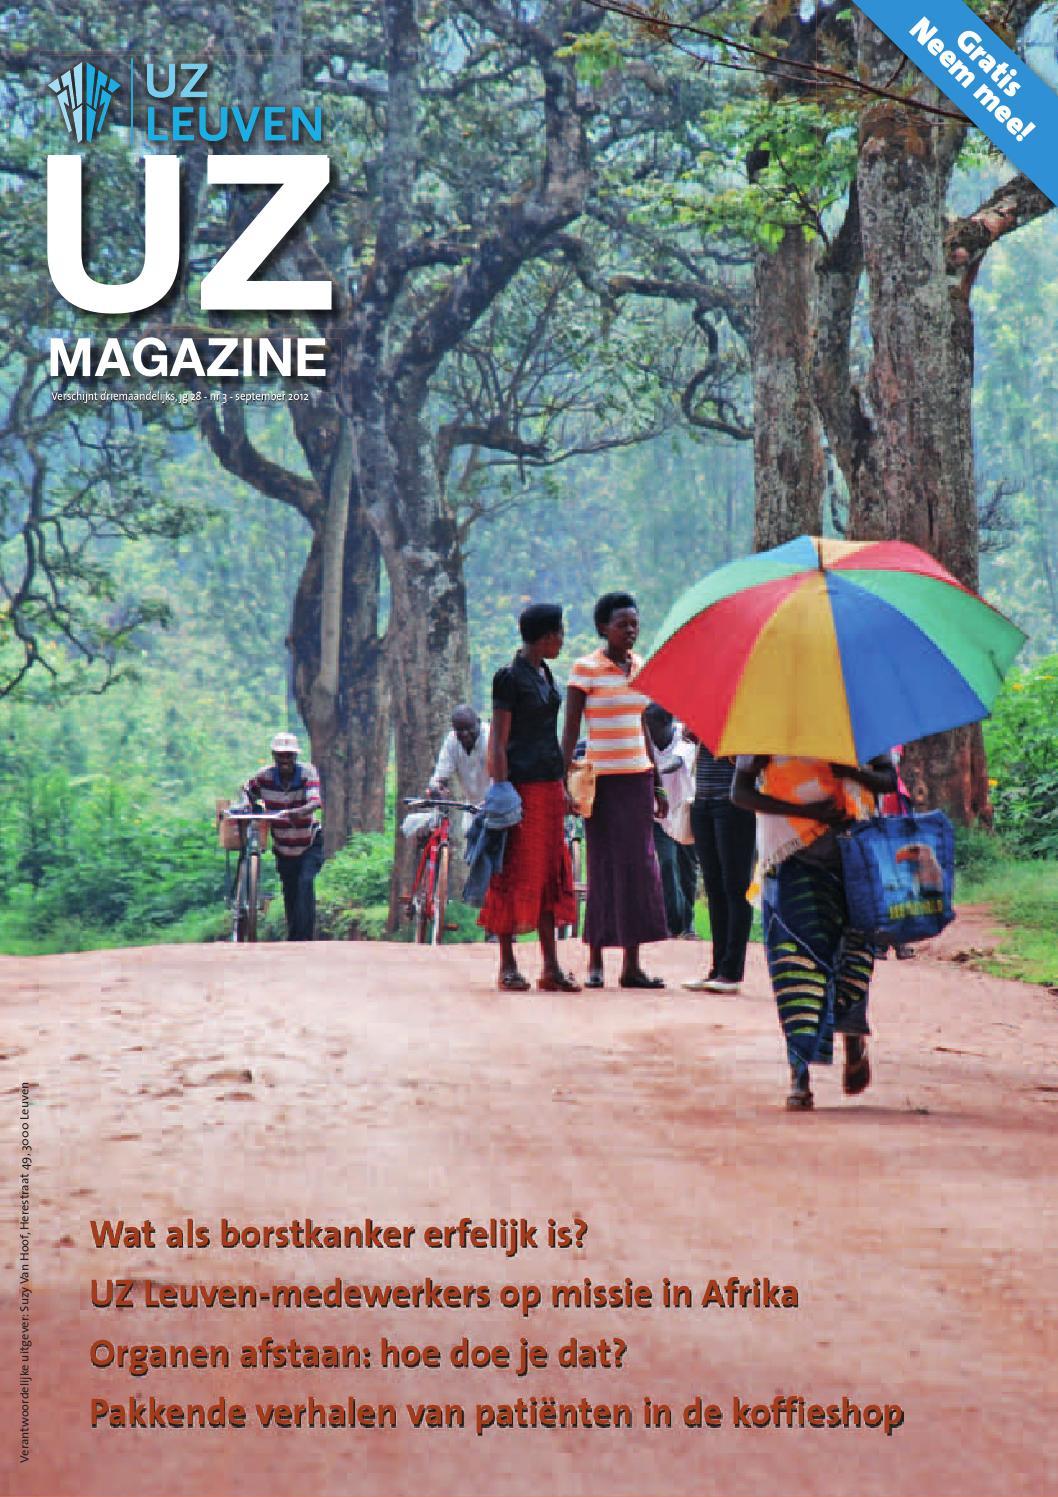 UZ-magazine september 2012 by UZ Leuven - issuu